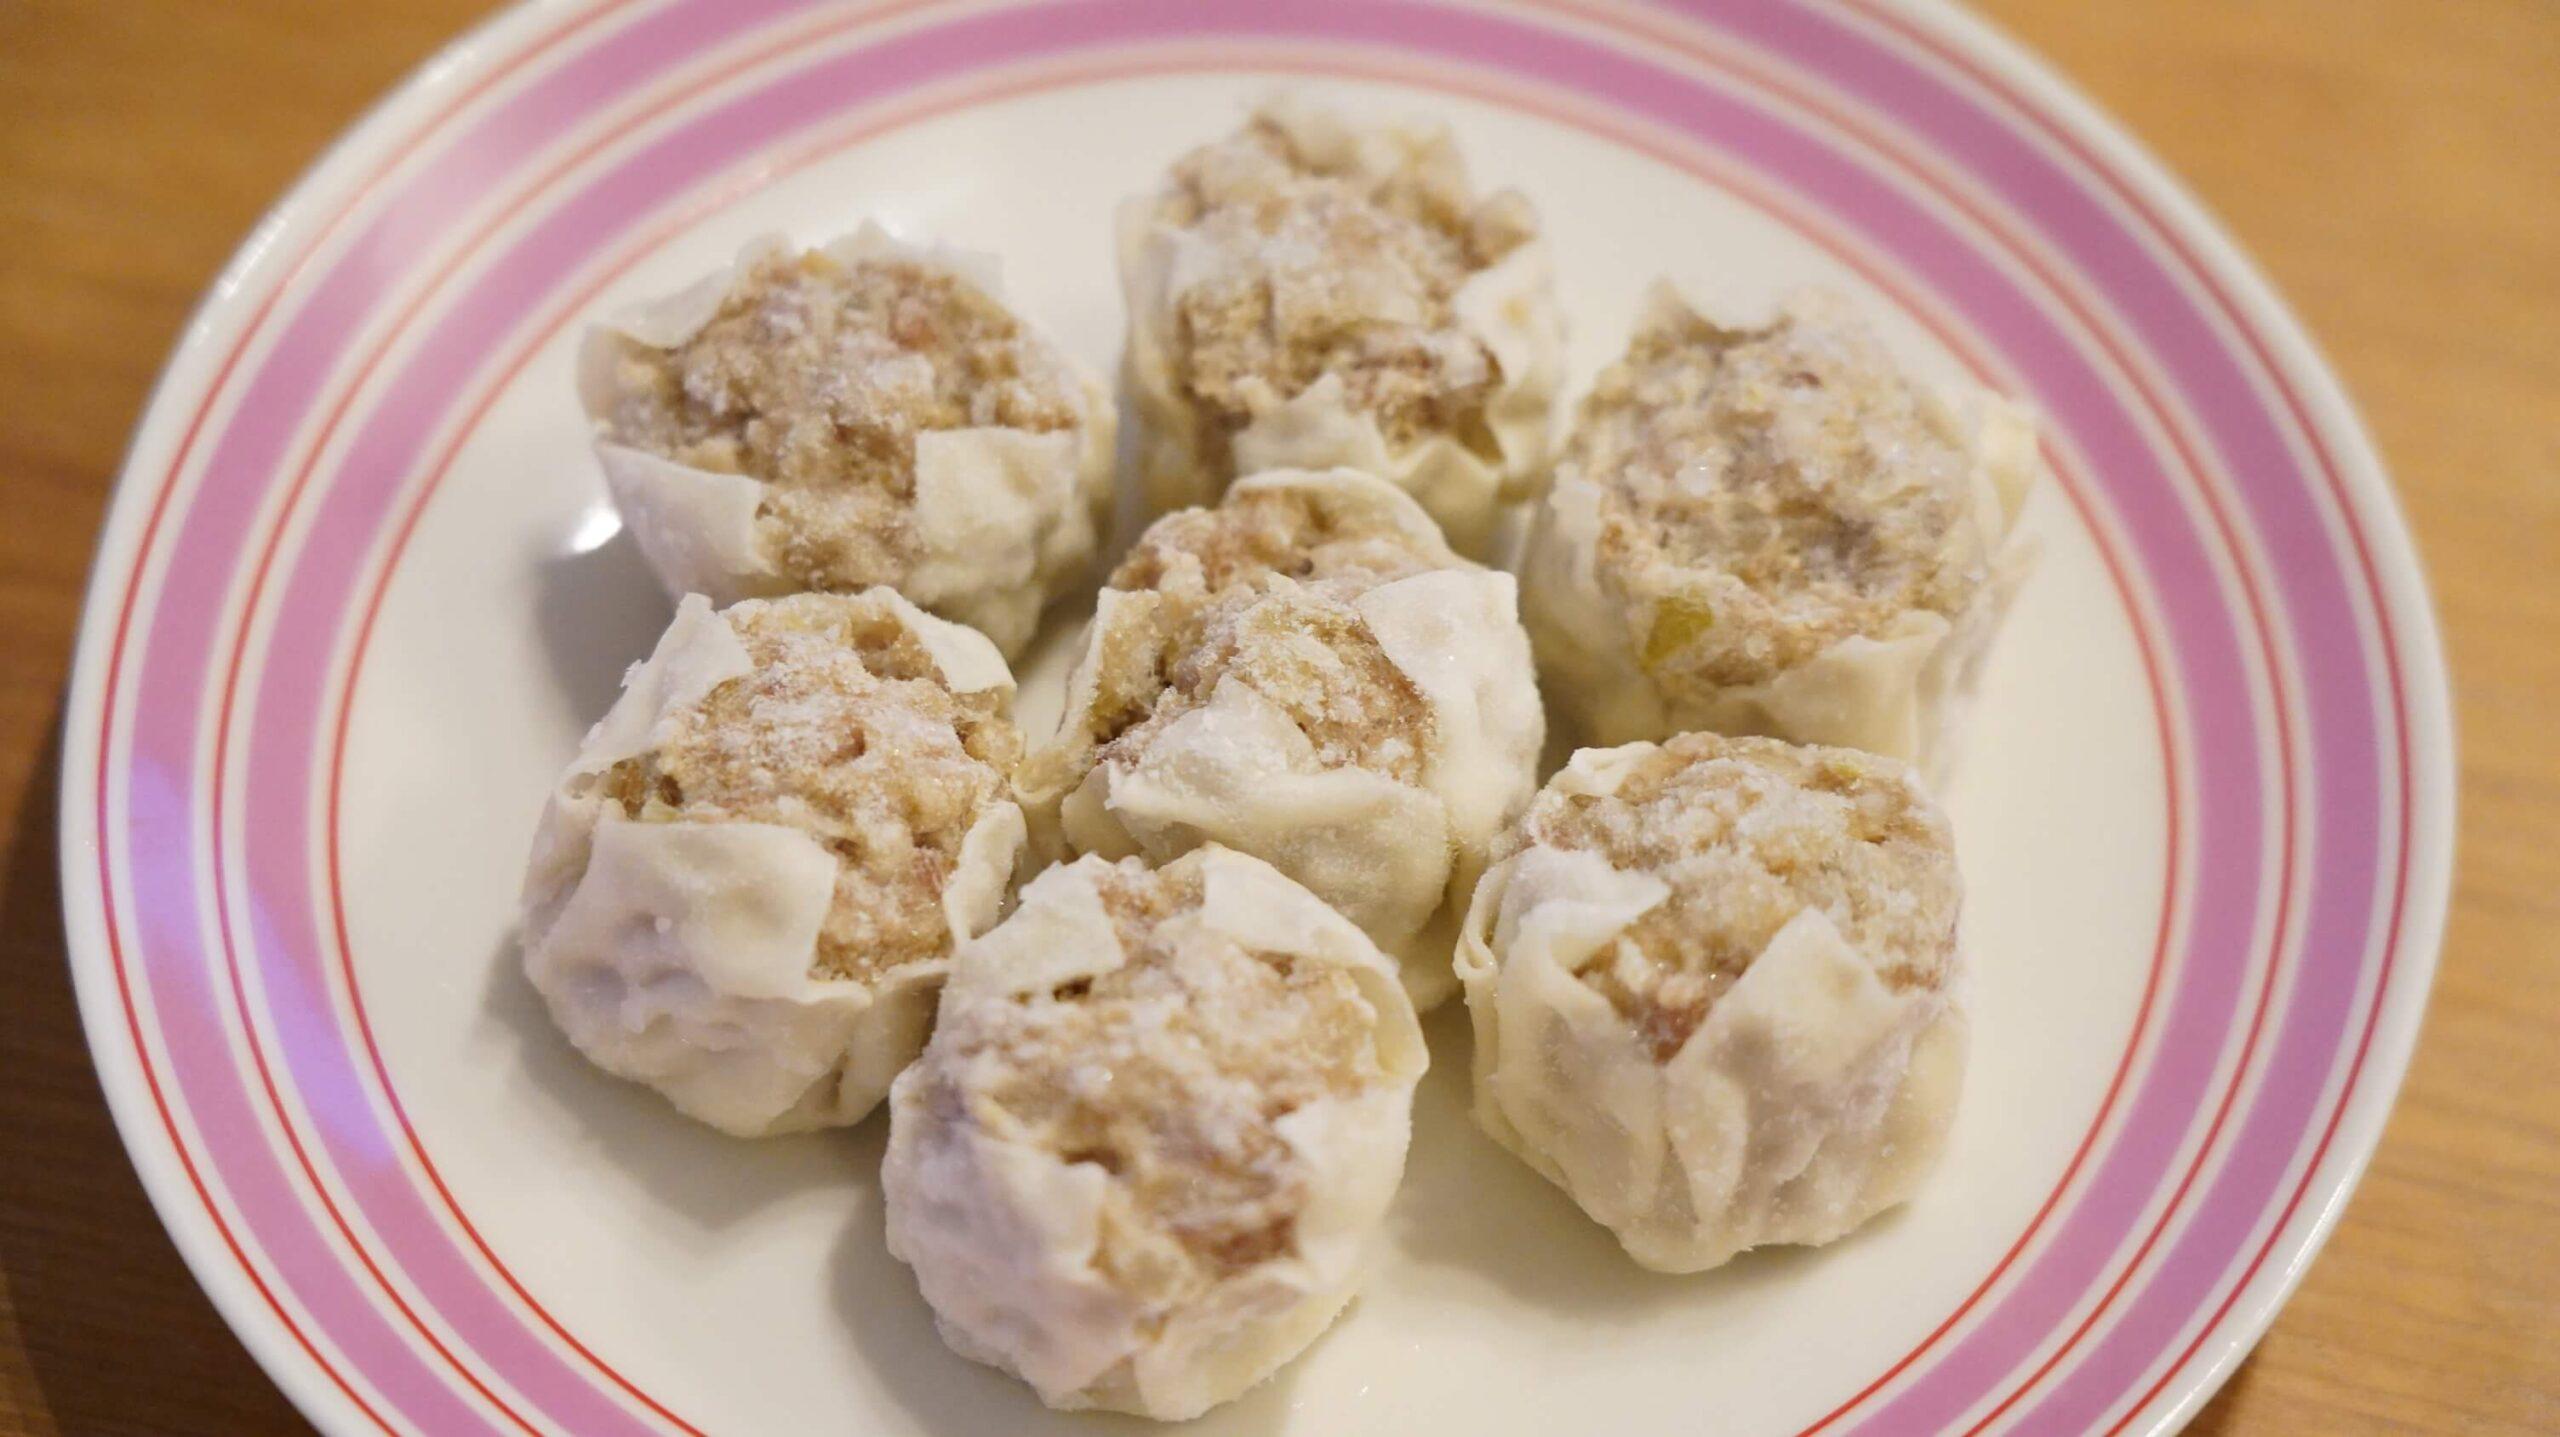 コストコのシューマイ冷凍食品「贅沢焼売」の加熱前の写真